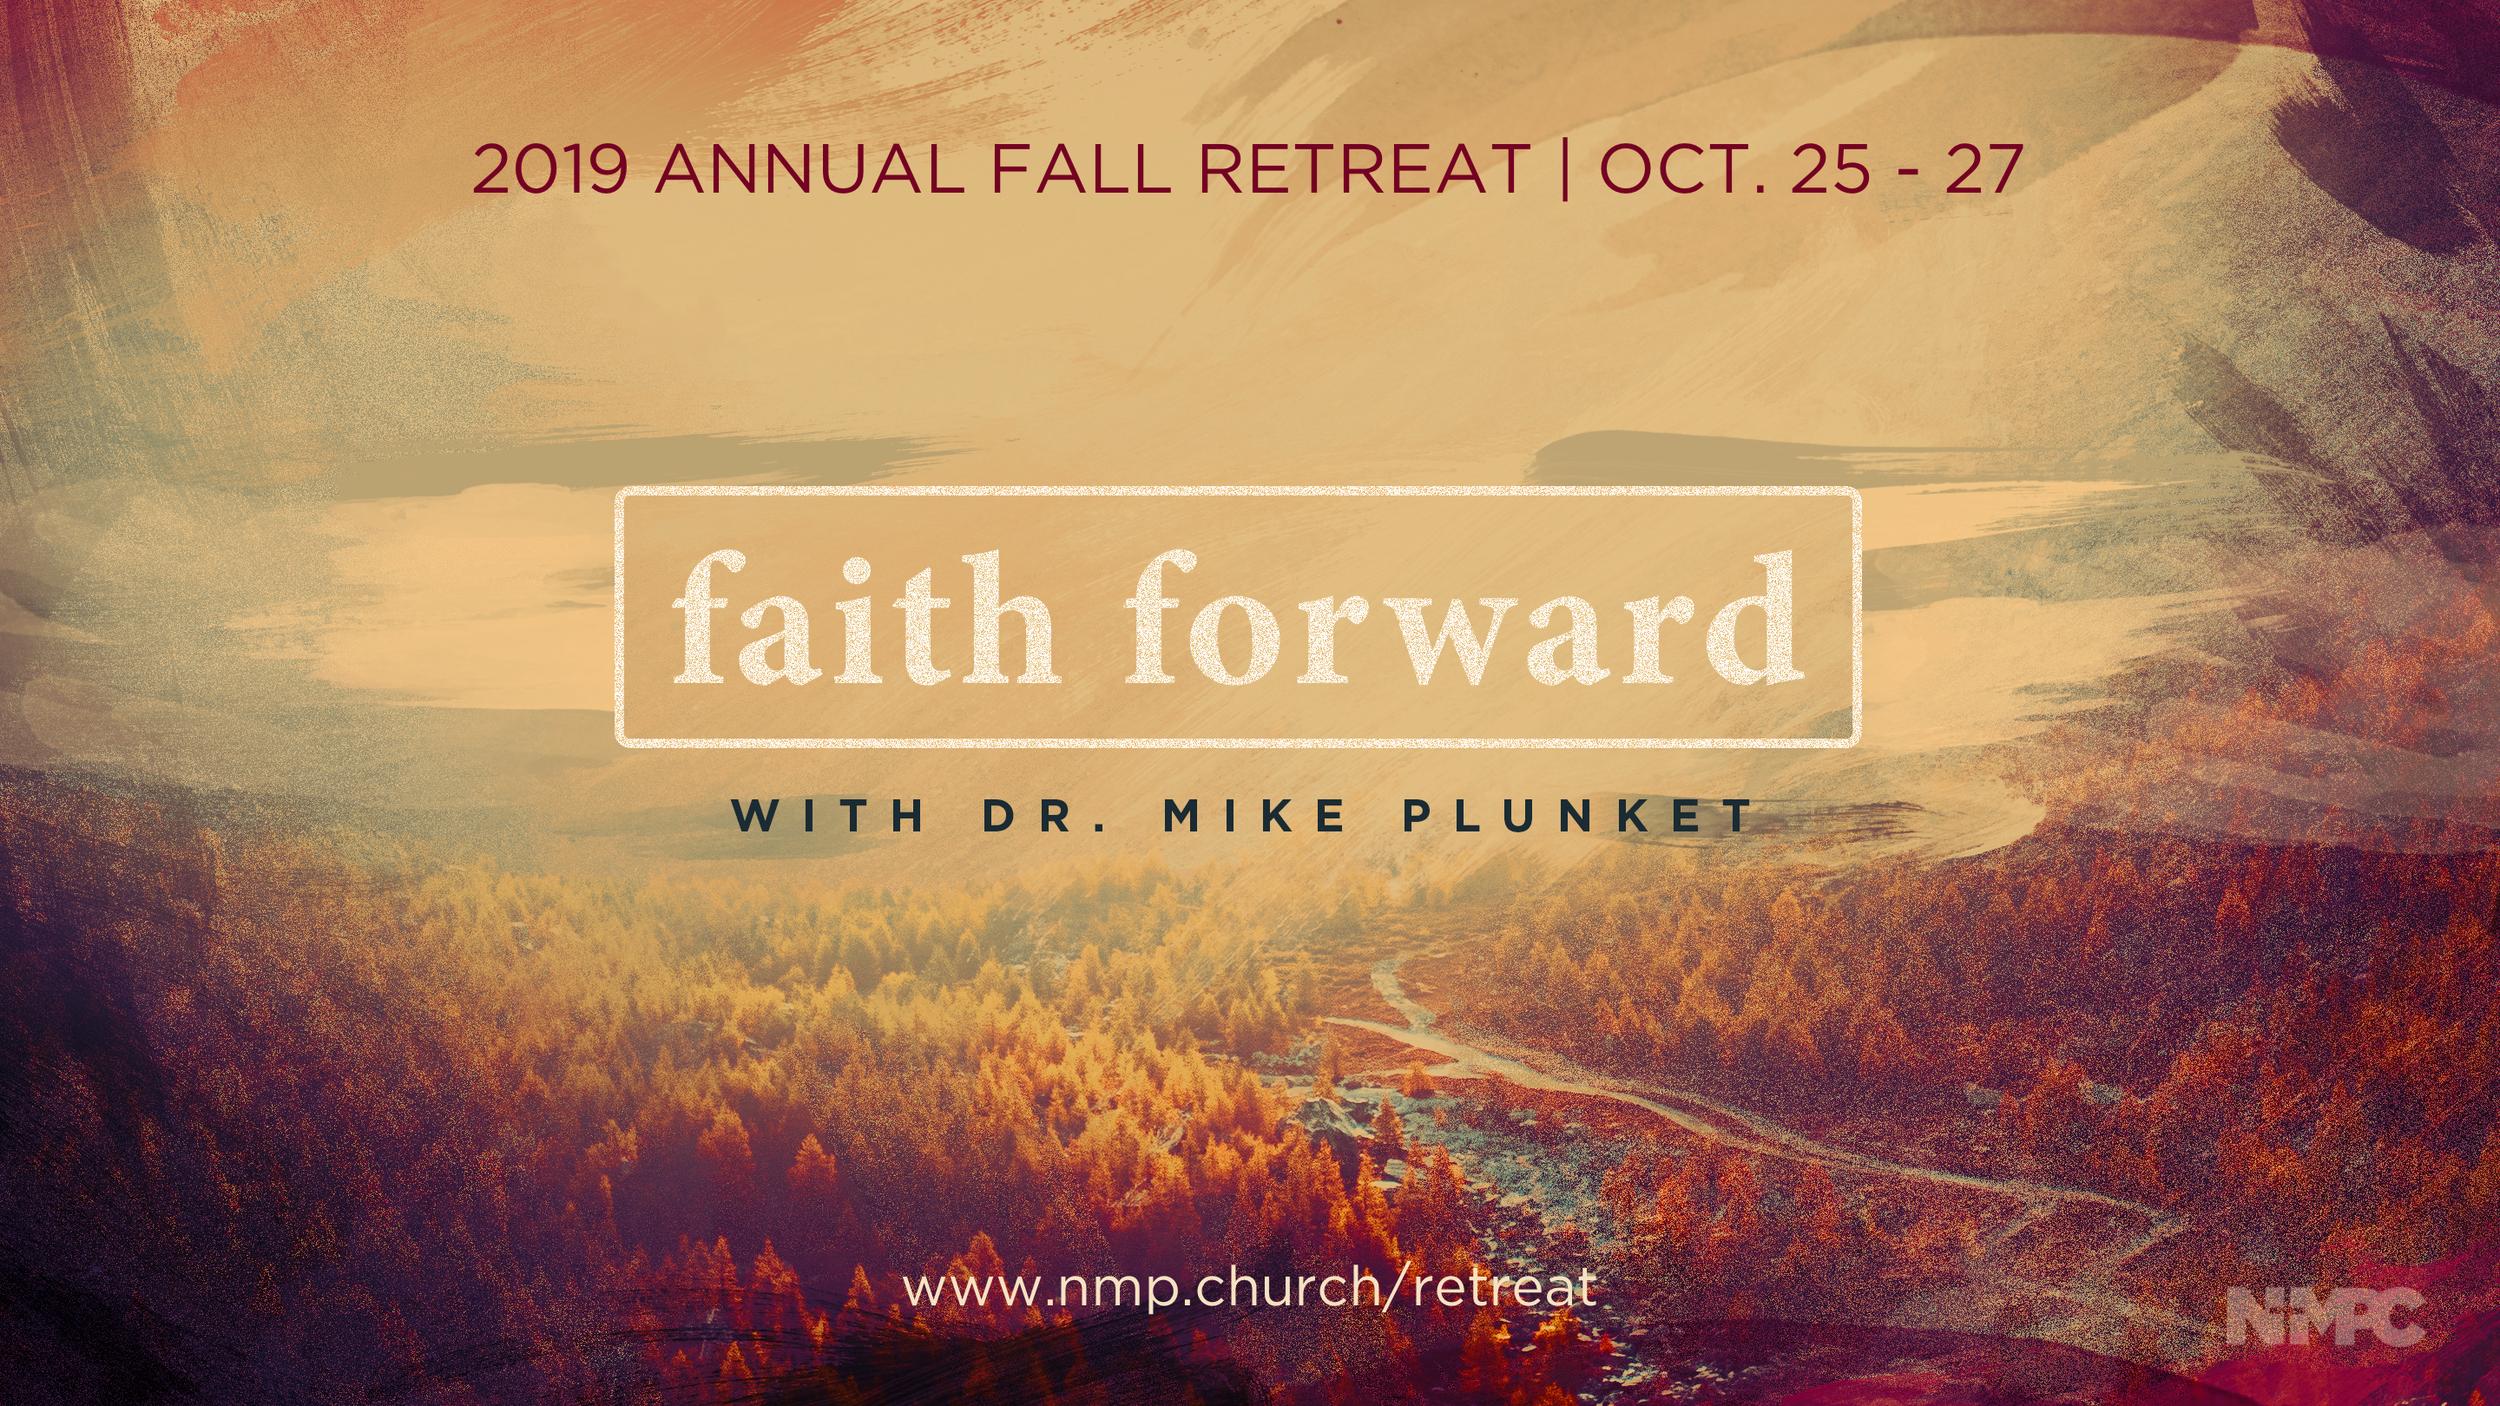 October 25-27th